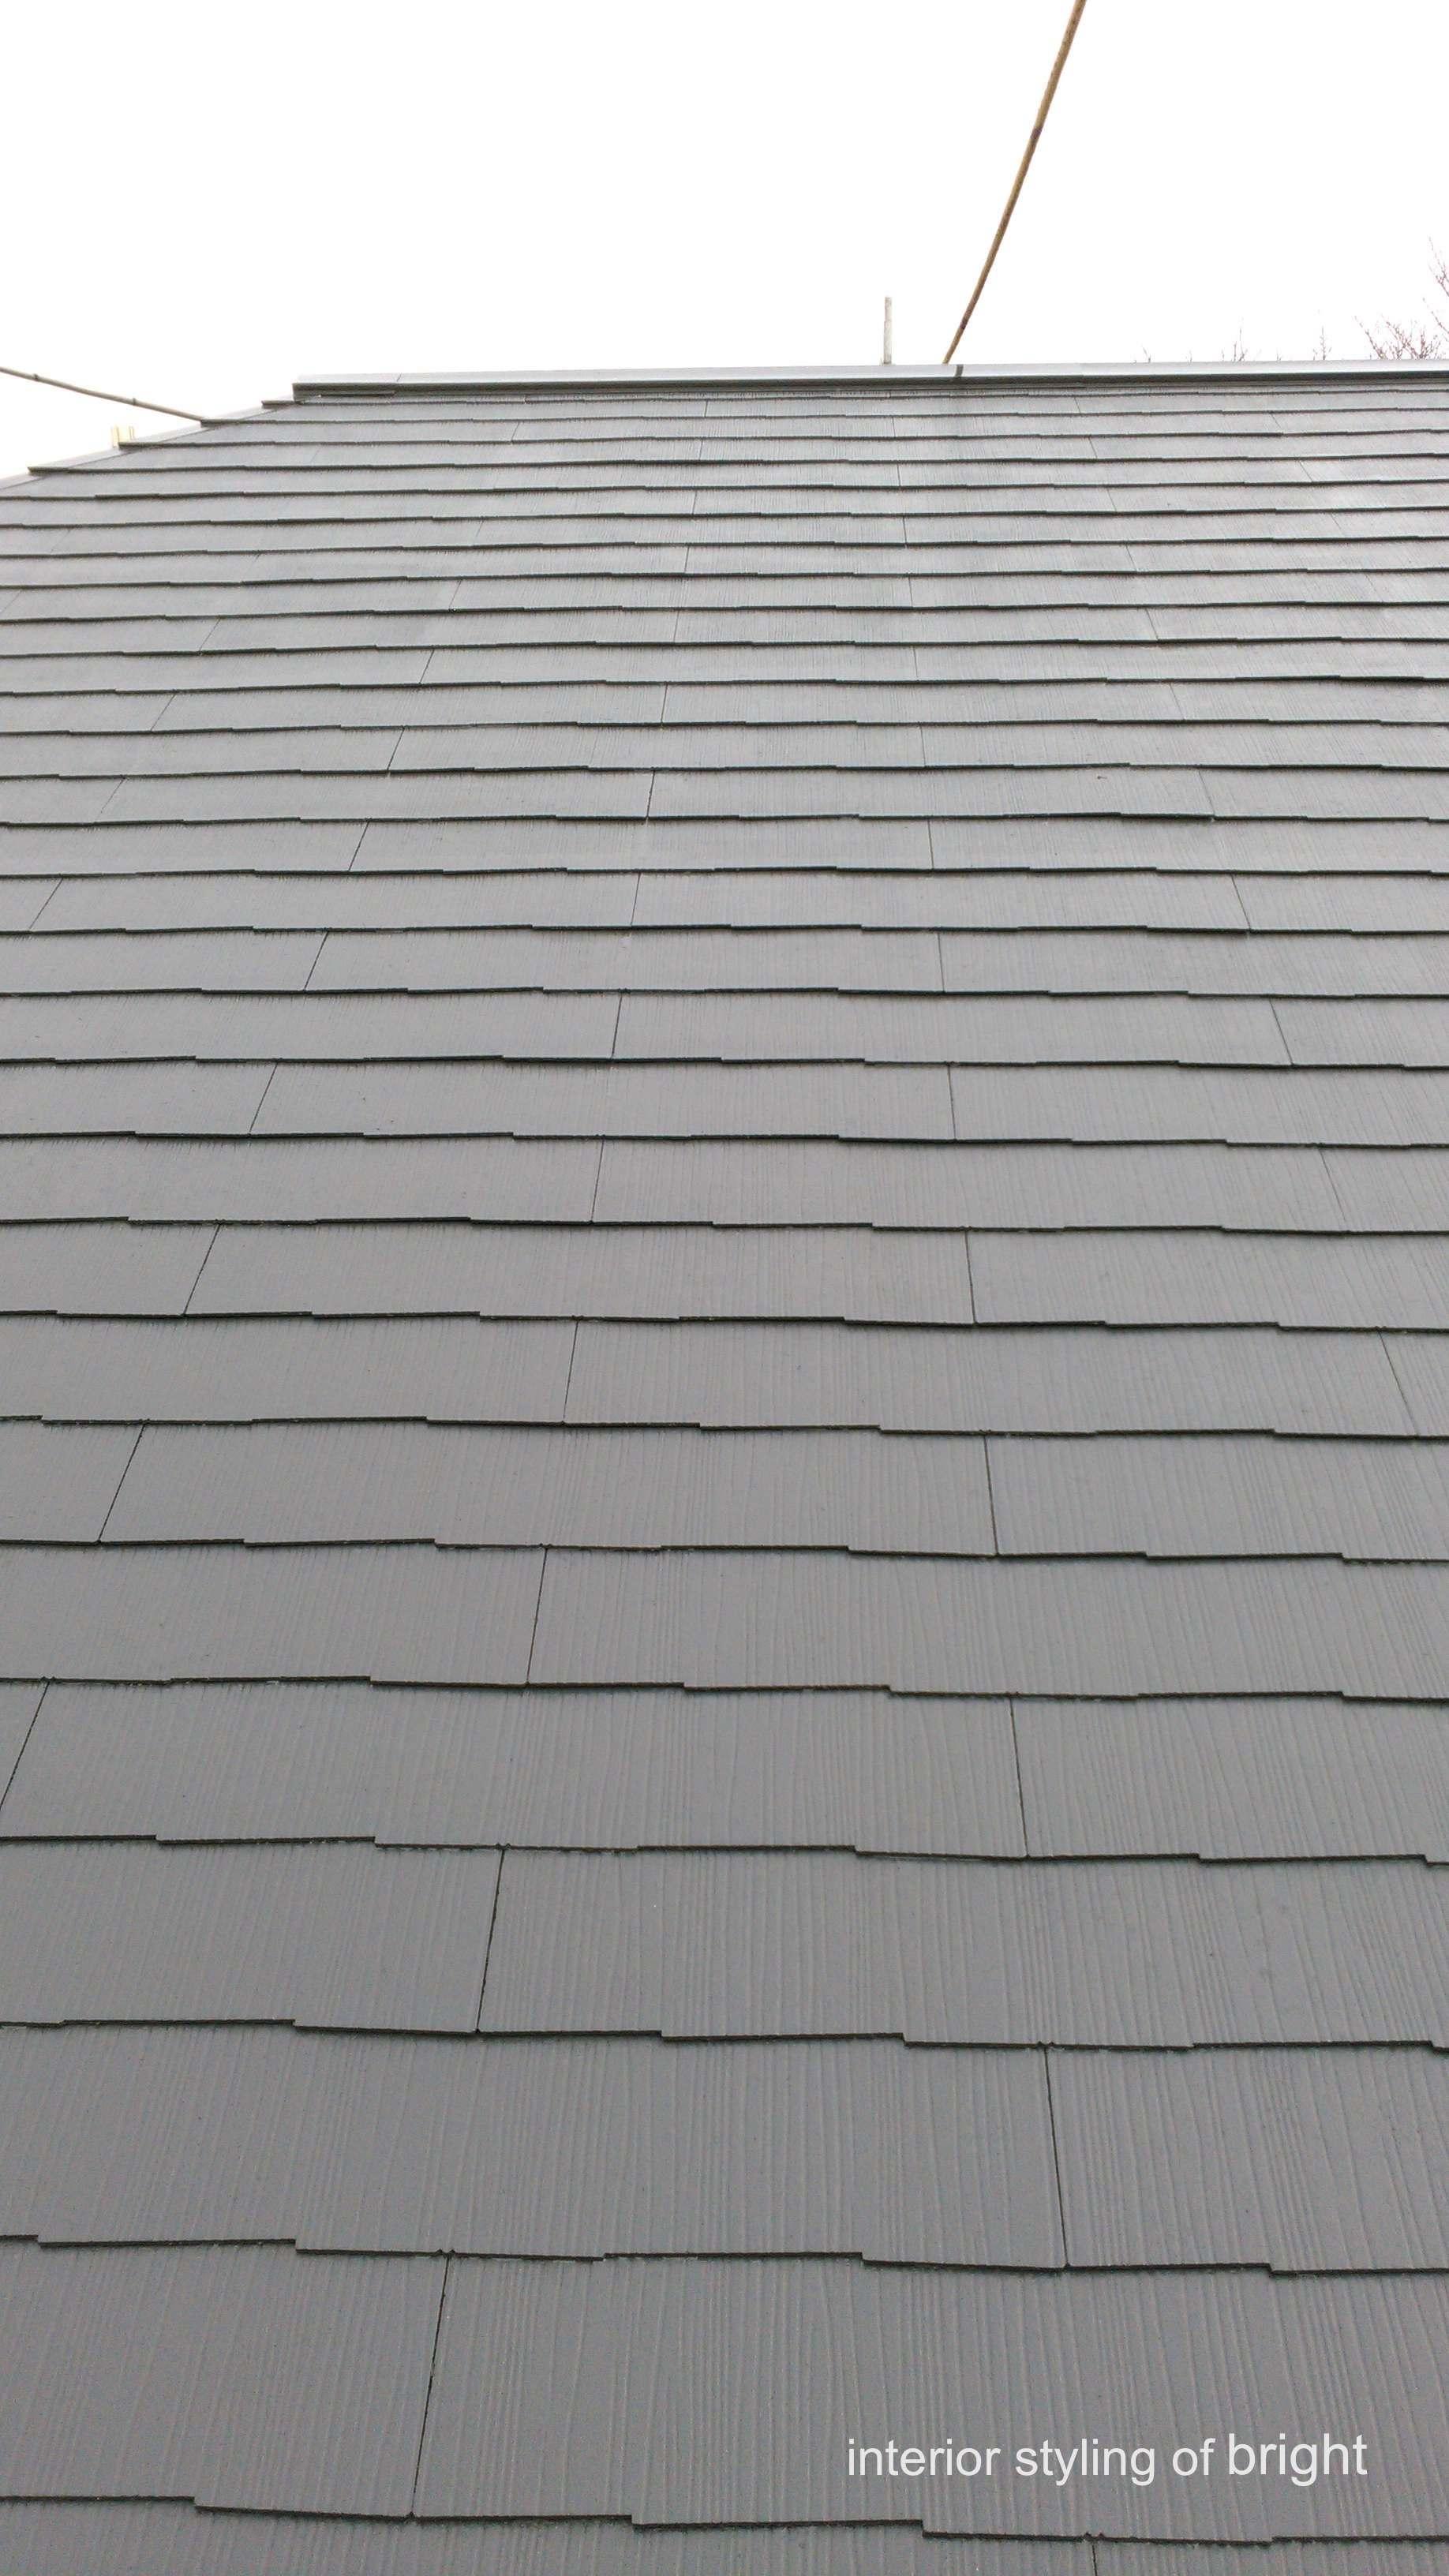 屋根外壁塗装 高圧洗浄と屋根塗装 オーダーカーテン・輸入壁紙のブライト_c0157866_14571586.jpg